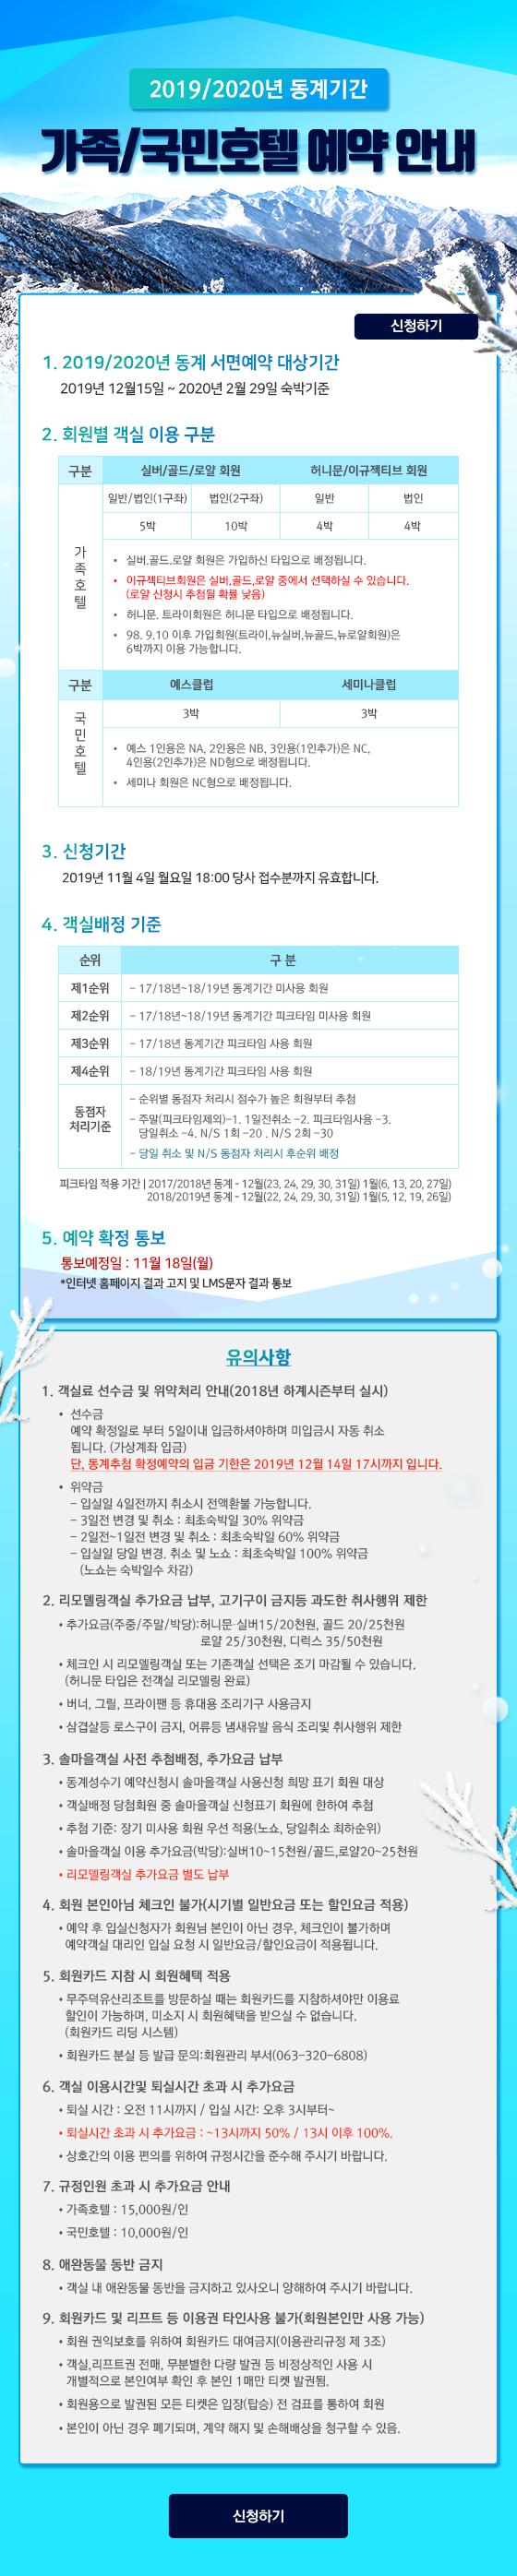 2019/2020년 동계기간 가족/국민호텔 예약 안내